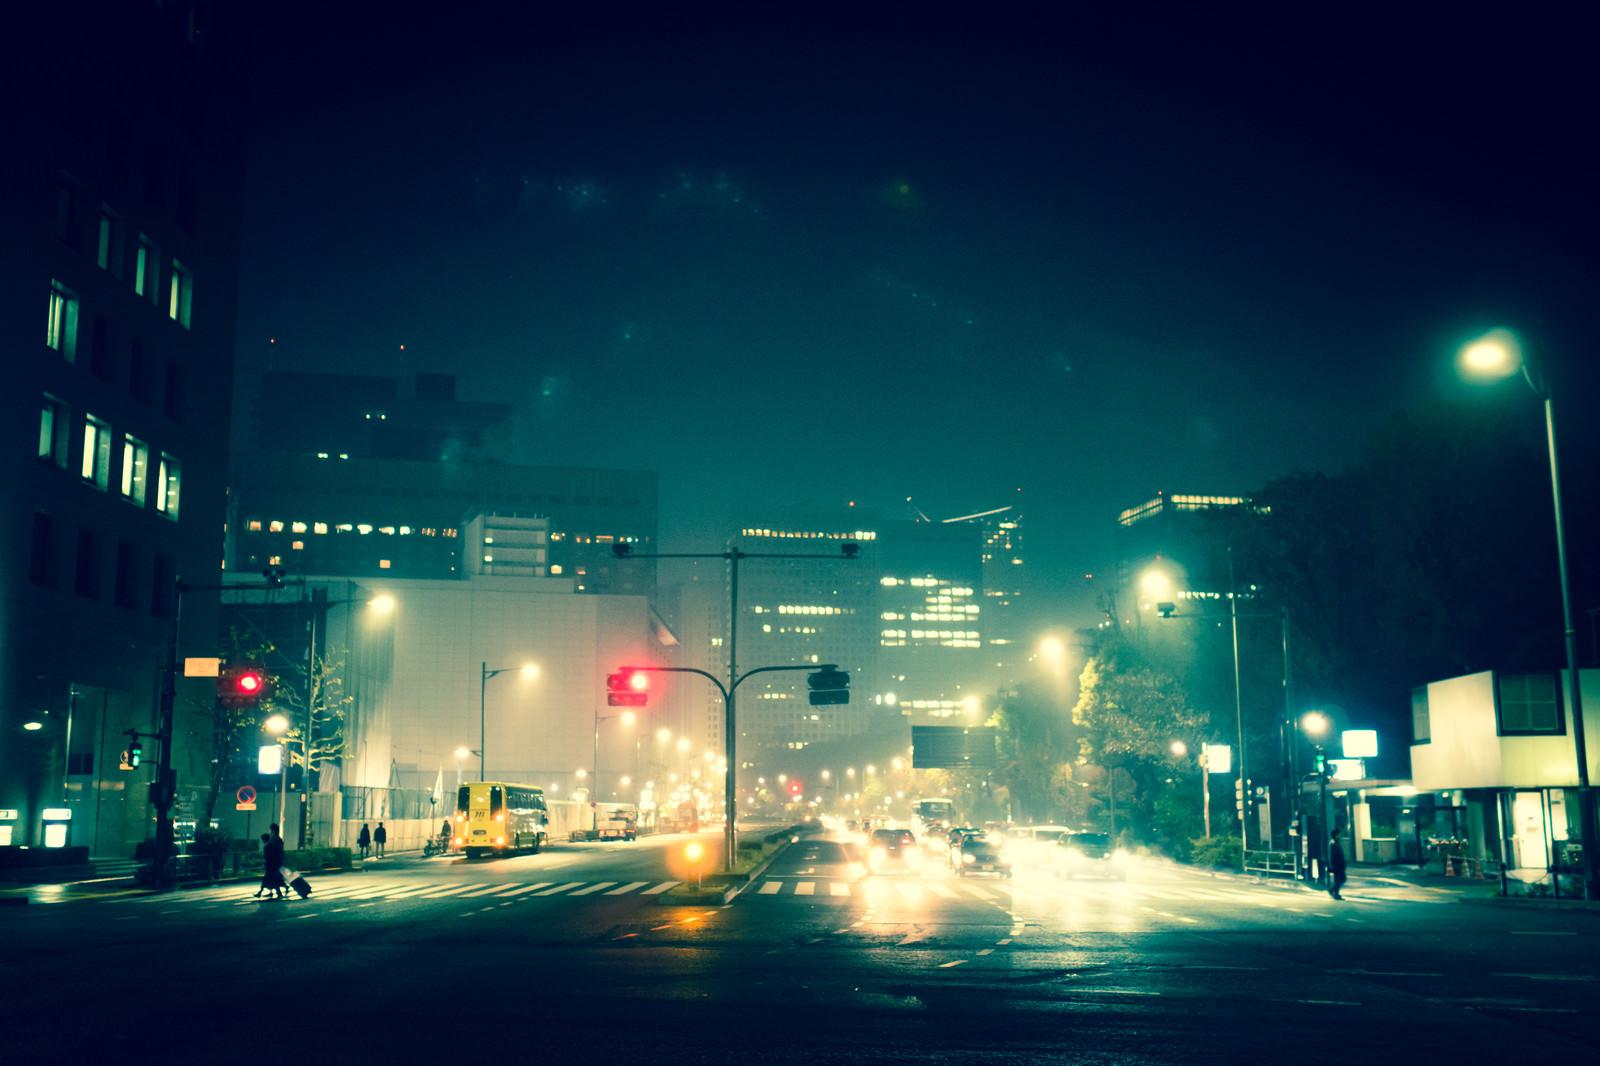 「夜の日比谷 | 写真の無料素材・フリー素材 - ぱくたそ」の写真